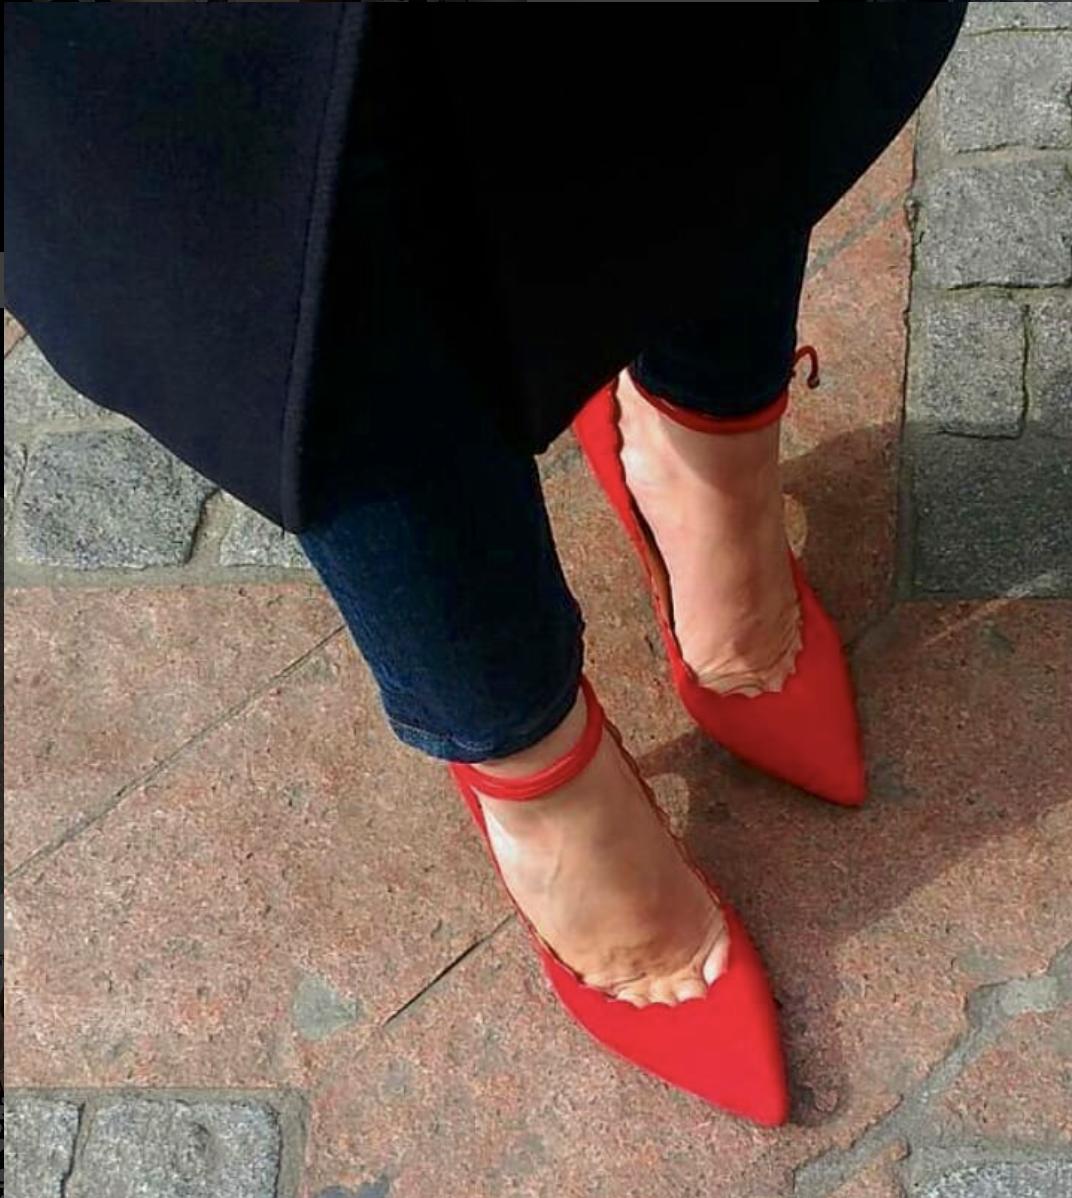 @mitsouko_   J'ai envie de joie et de couleurs 💞, une vieille photographie de Rosario de  @biondacastana  🌹  #biondacastana   #rougepassion   #shoes   #shoesporn   #shoeslovers   #shoescrush  bon jeudi sous la pluie!!